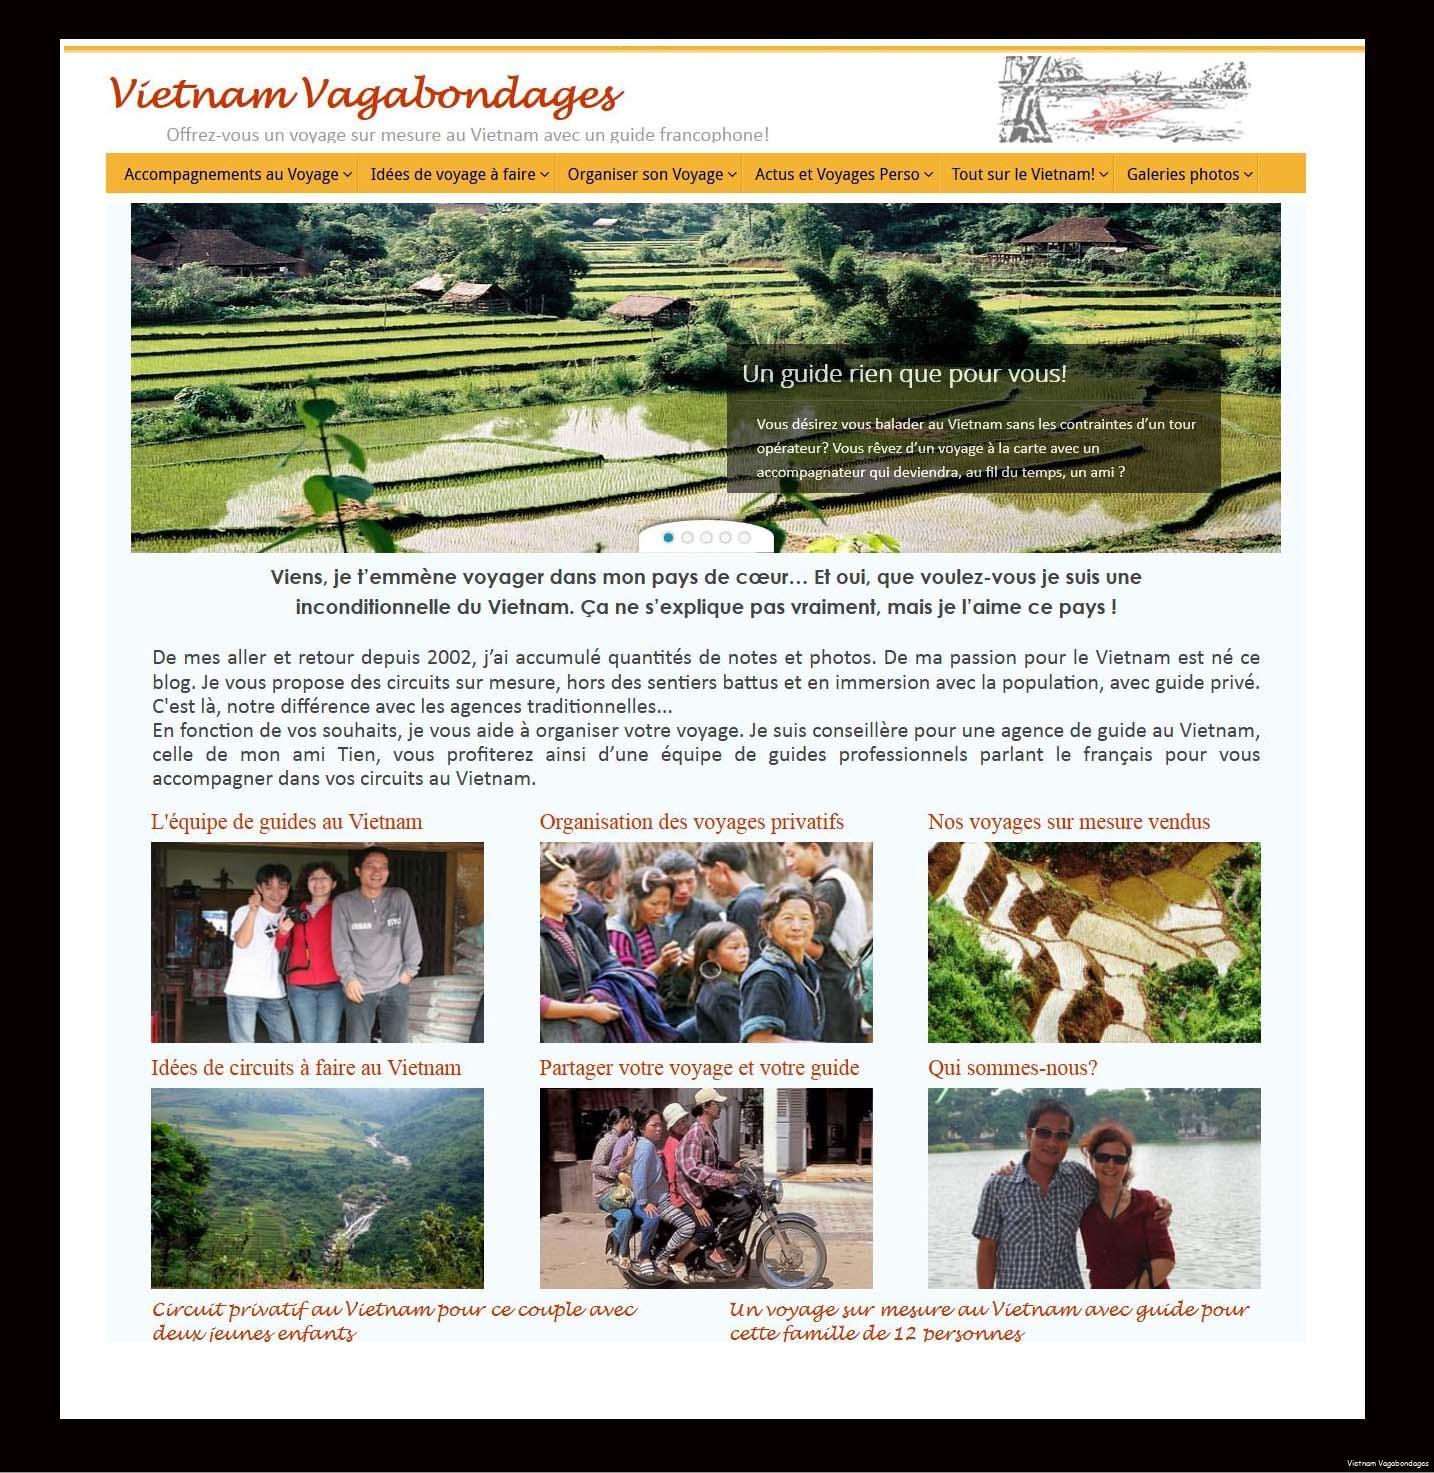 Vietnam Vagabondages Voyages sur mesure authentiques avec guide privé